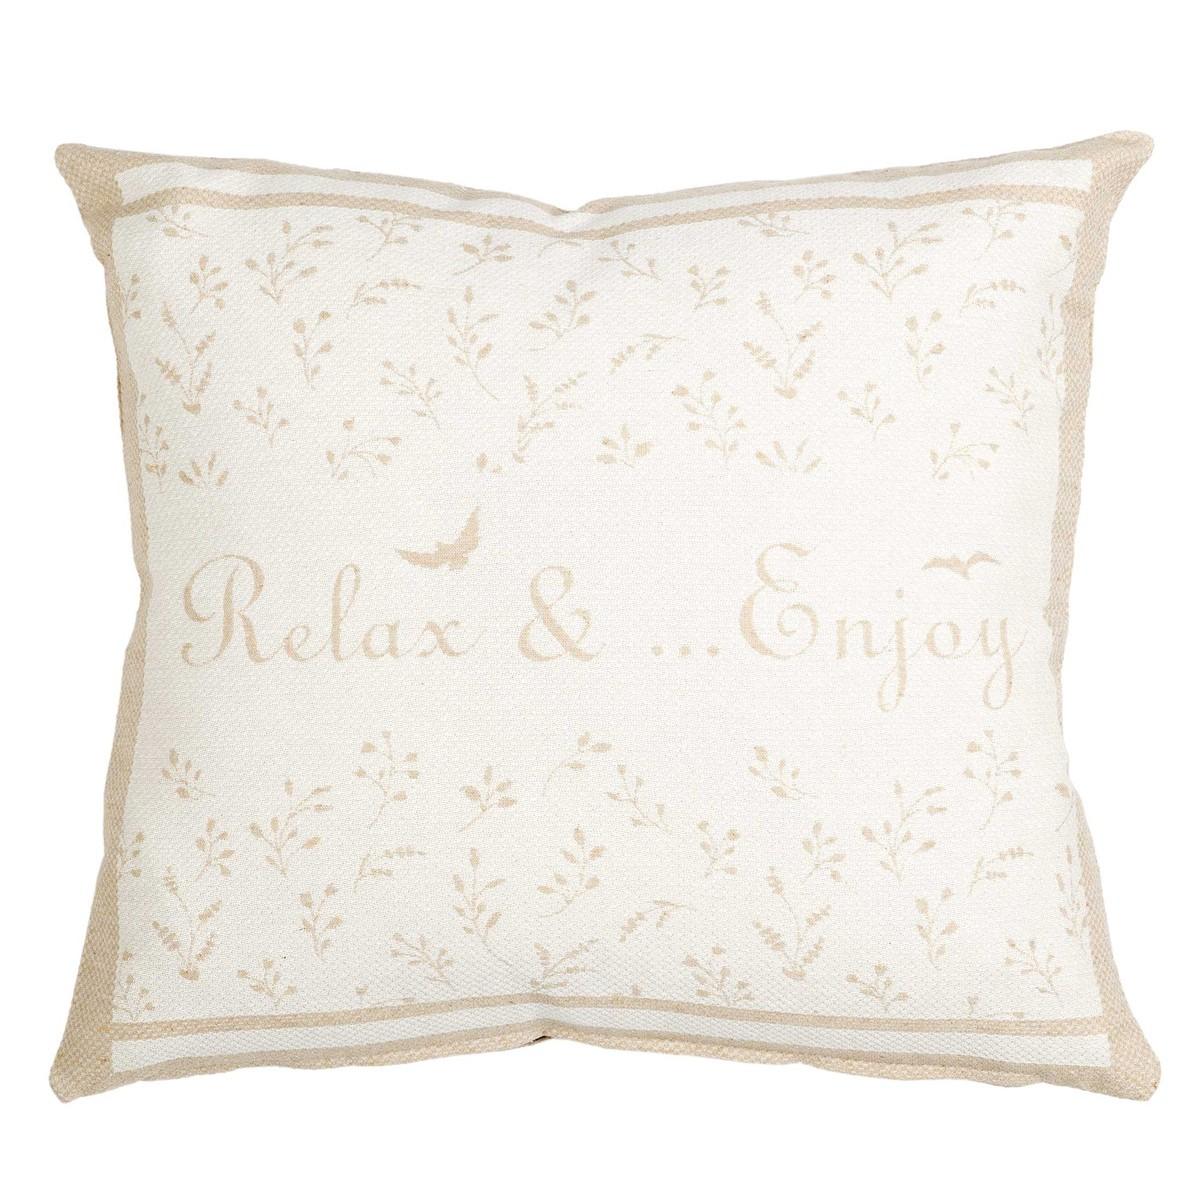 Διακοσμητική Μαξιλαροθήκη Nima Cushions Mezzoro Beige